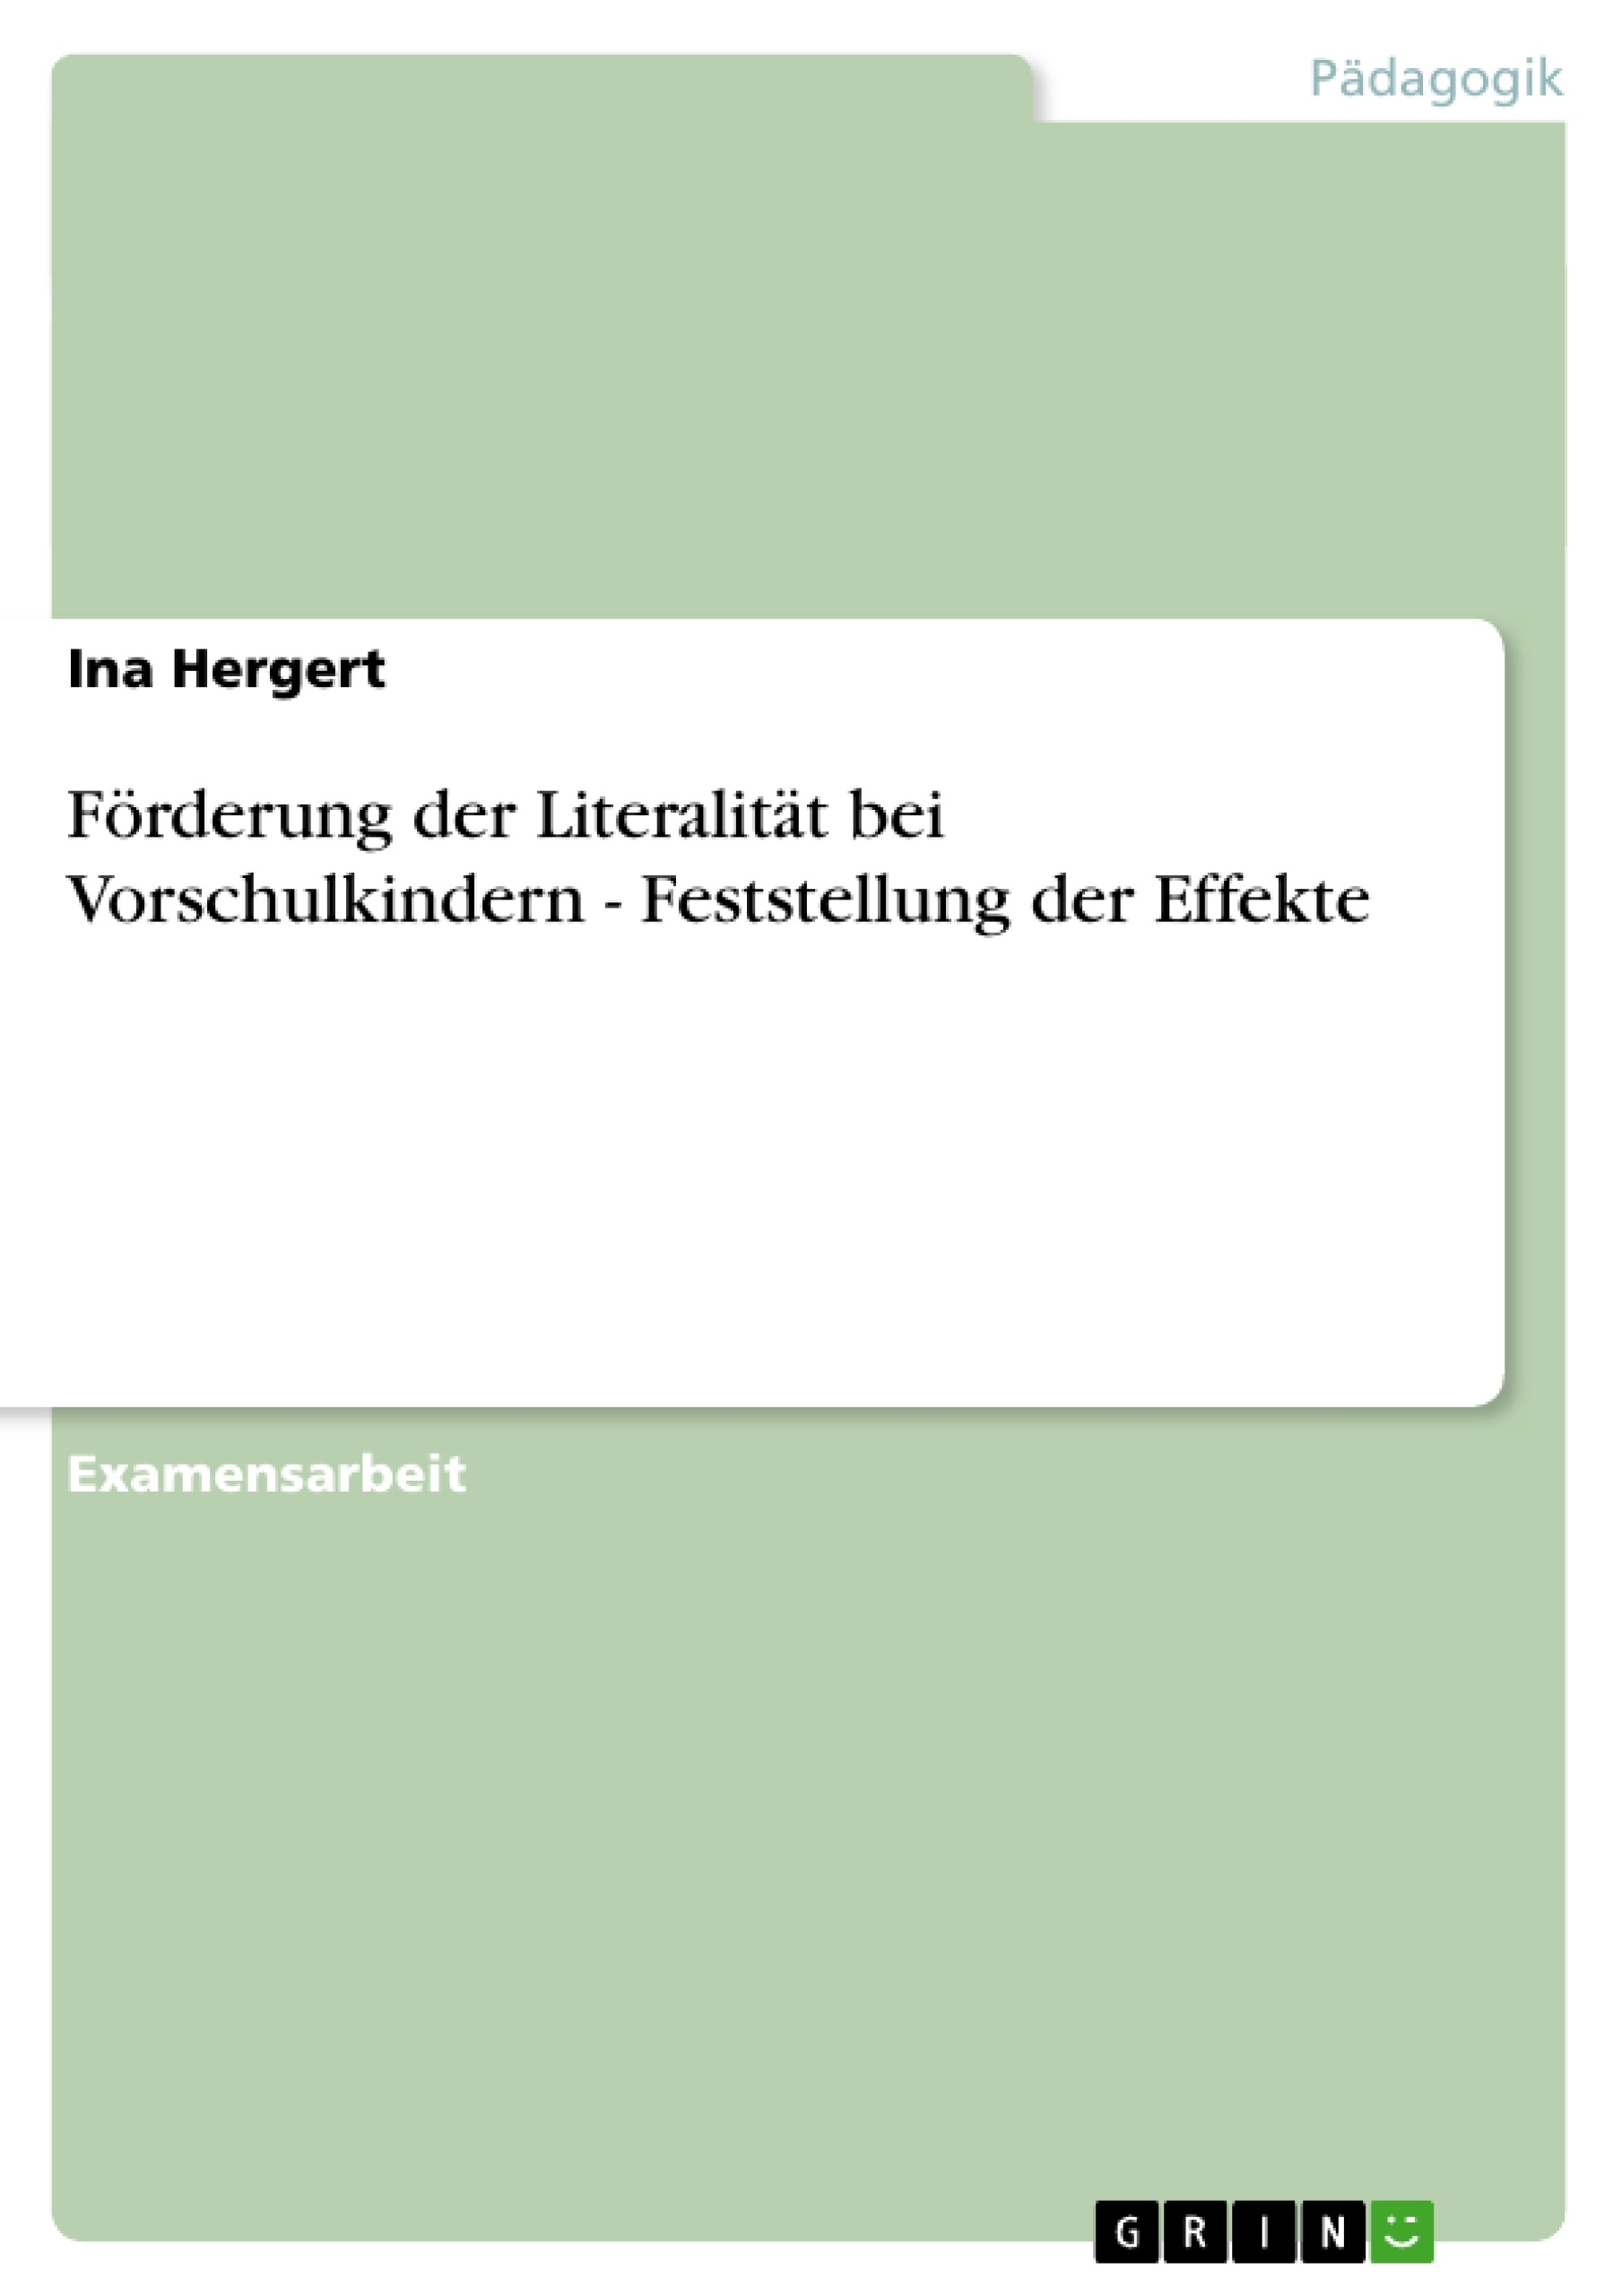 Titel: Förderung der Literalität bei Vorschulkindern - Feststellung der Effekte